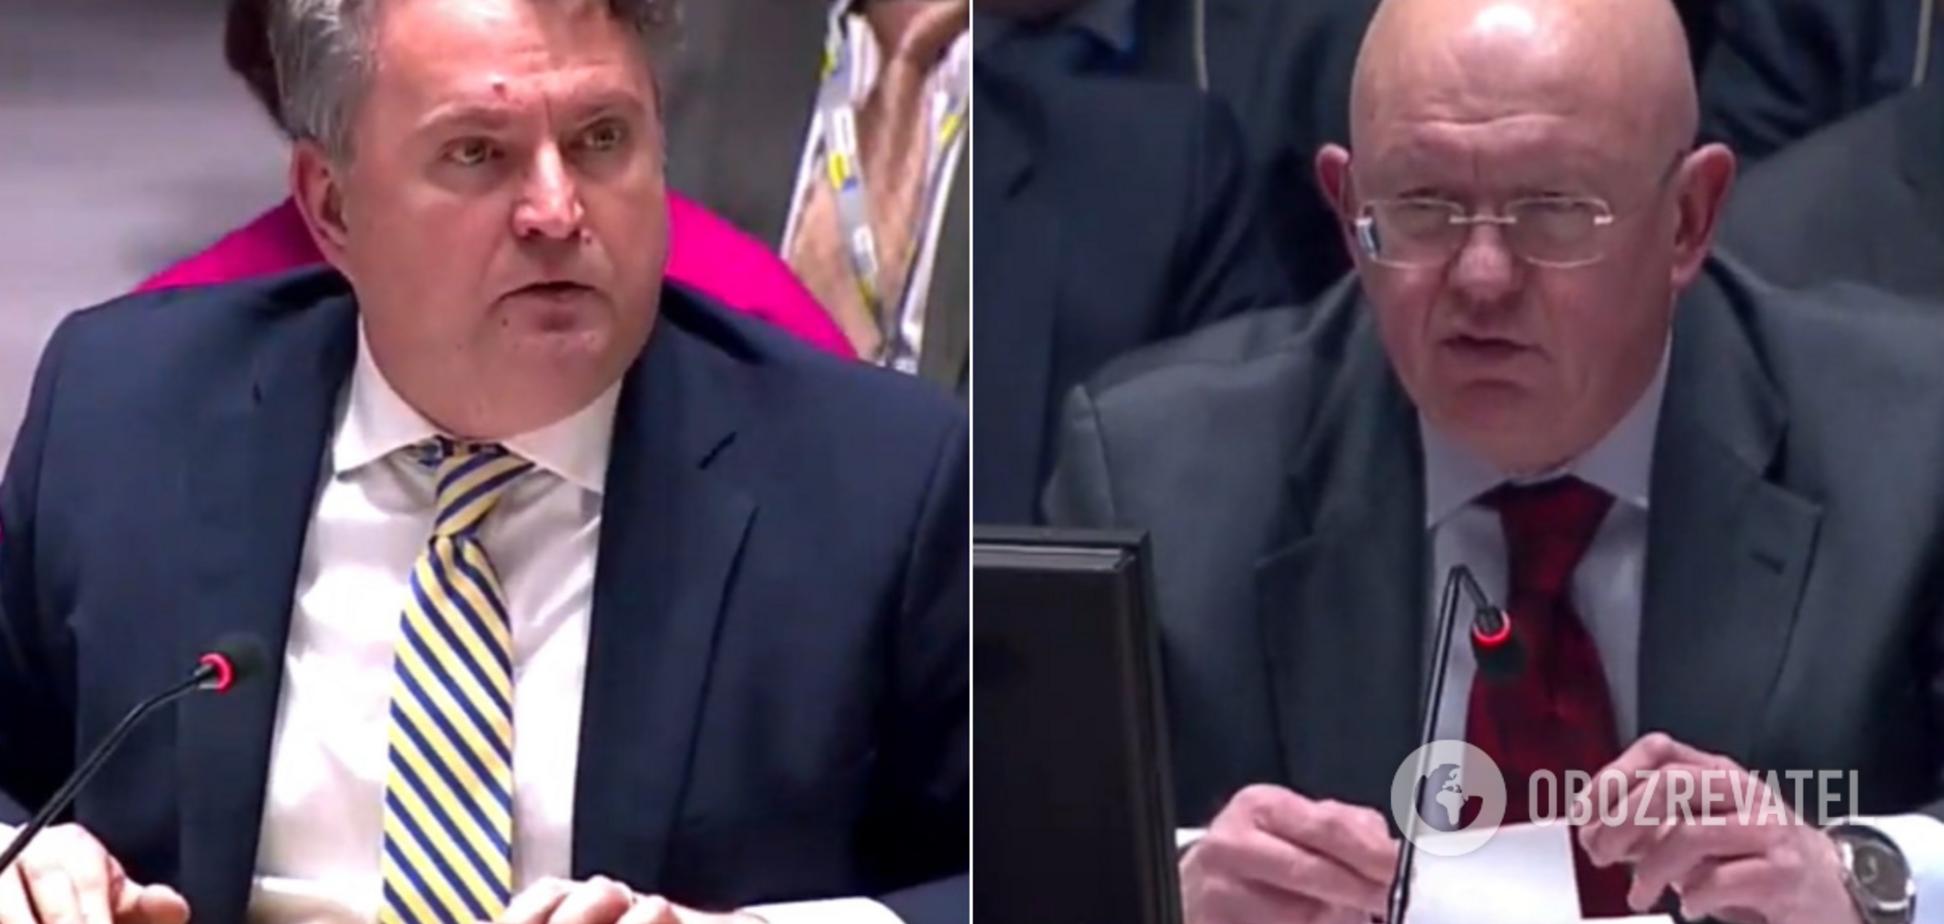 'Мы должны это слушать?' Кислица поймал на лжи дипломата Путина на Совбезе ООН: видео